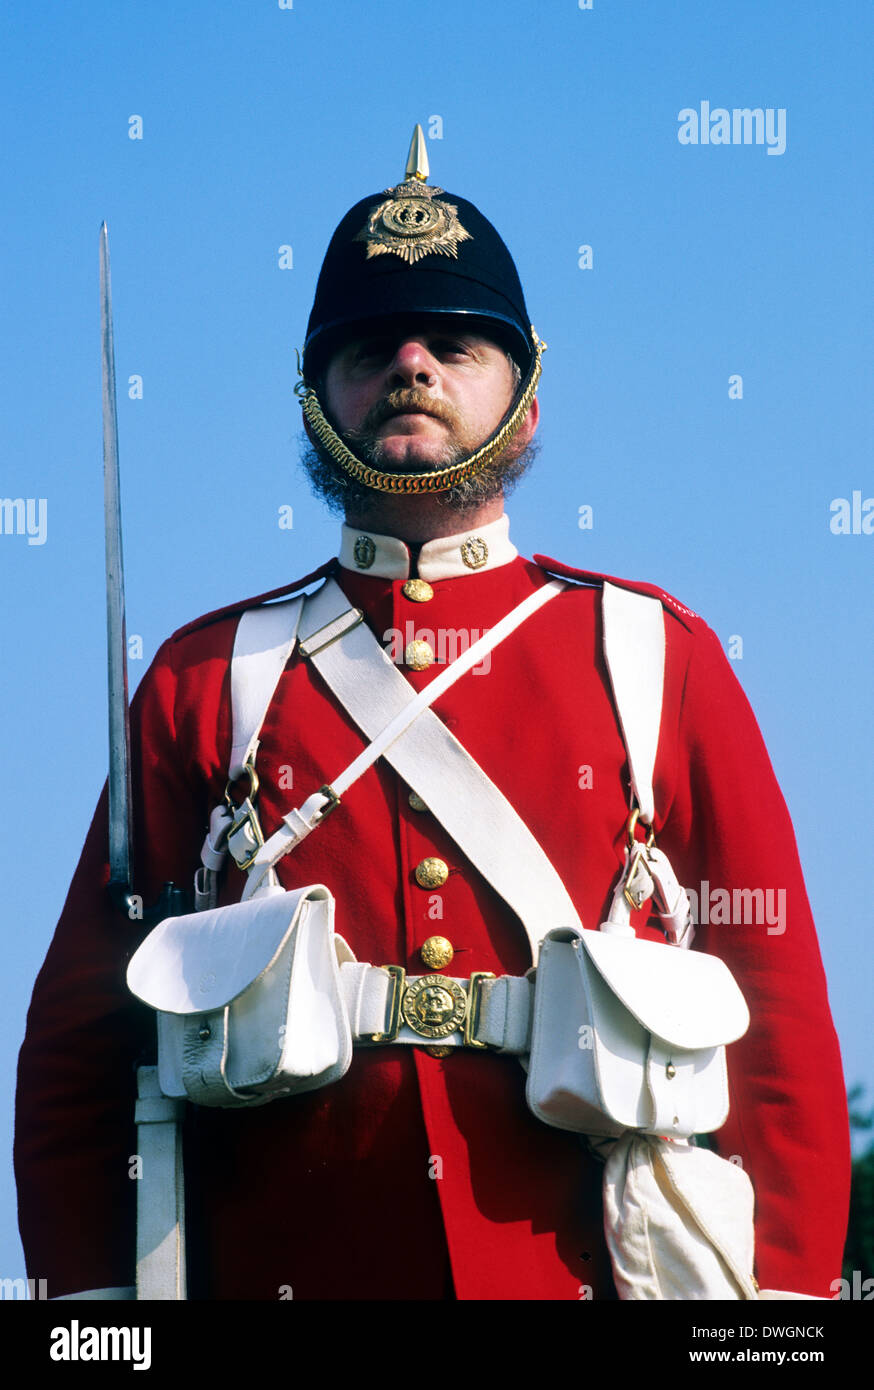 British piedi soldato, 57th Middlesex Regiment, 1880, fissato a baionetta, rievocazione storica Inghilterra soldato redcoat soldati del XIX secolo uniformi uniforme Immagini Stock